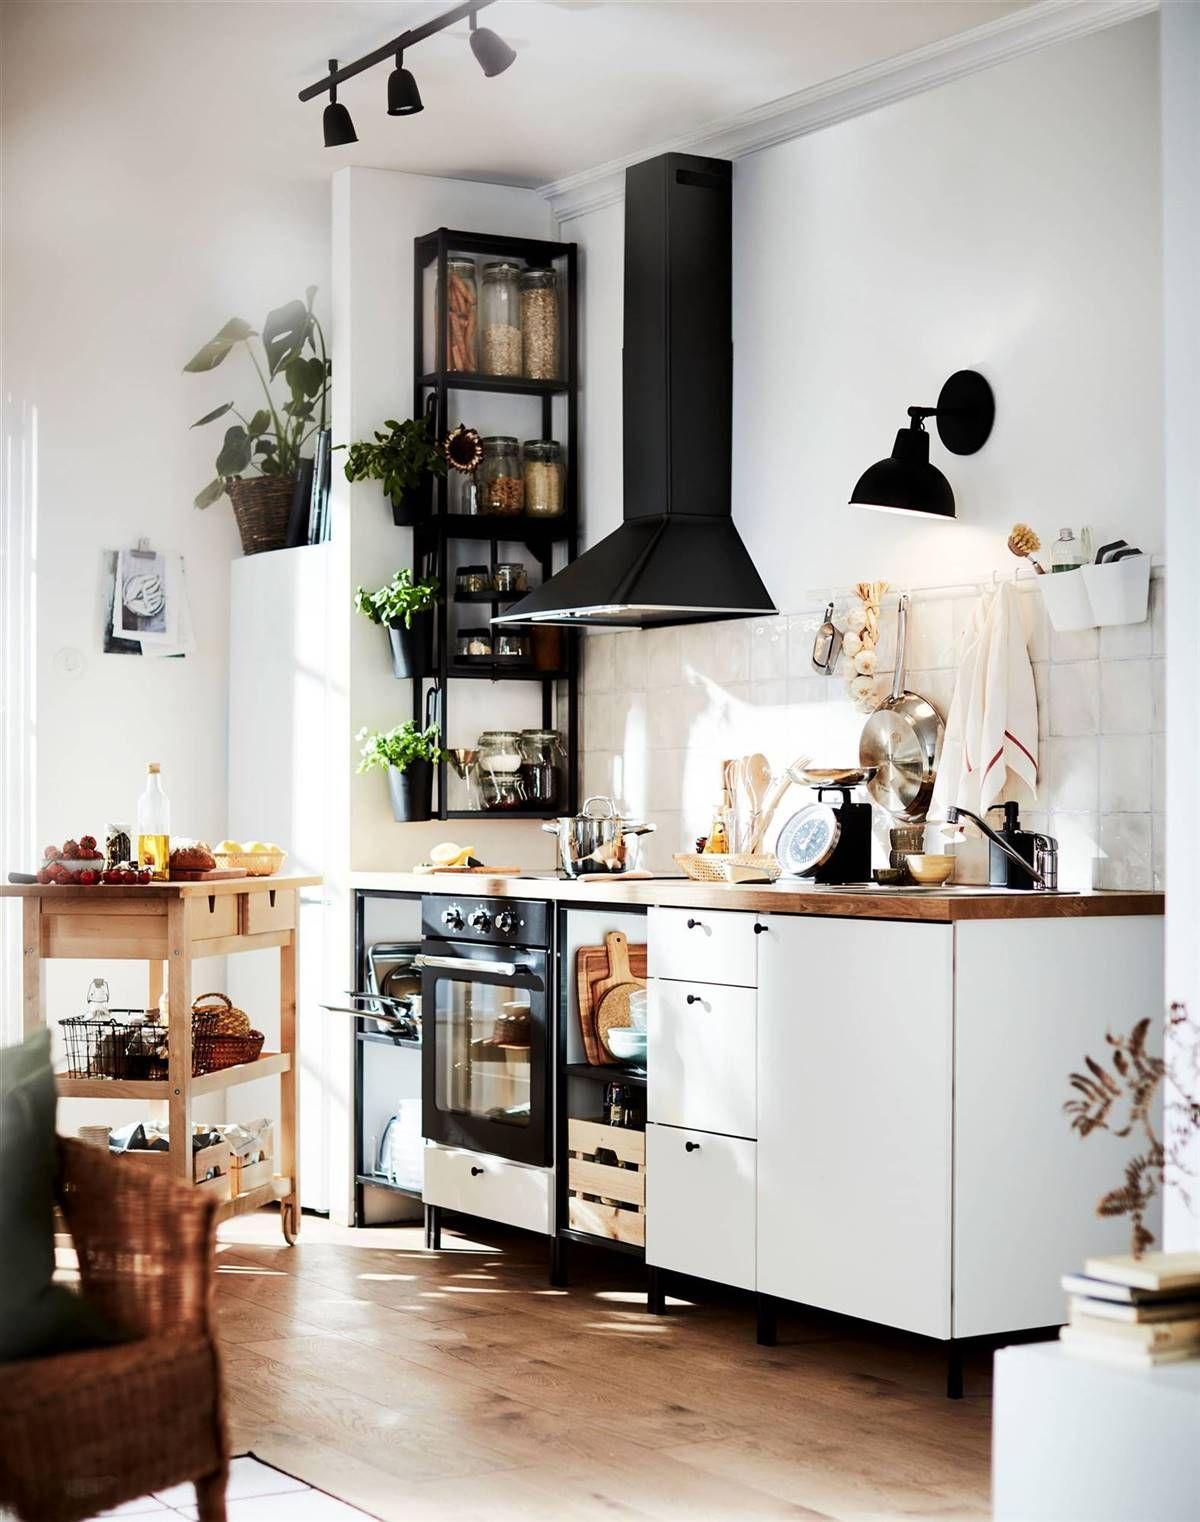 Ikea Interior Design Einbauküche   Landhausstil Einbauküche